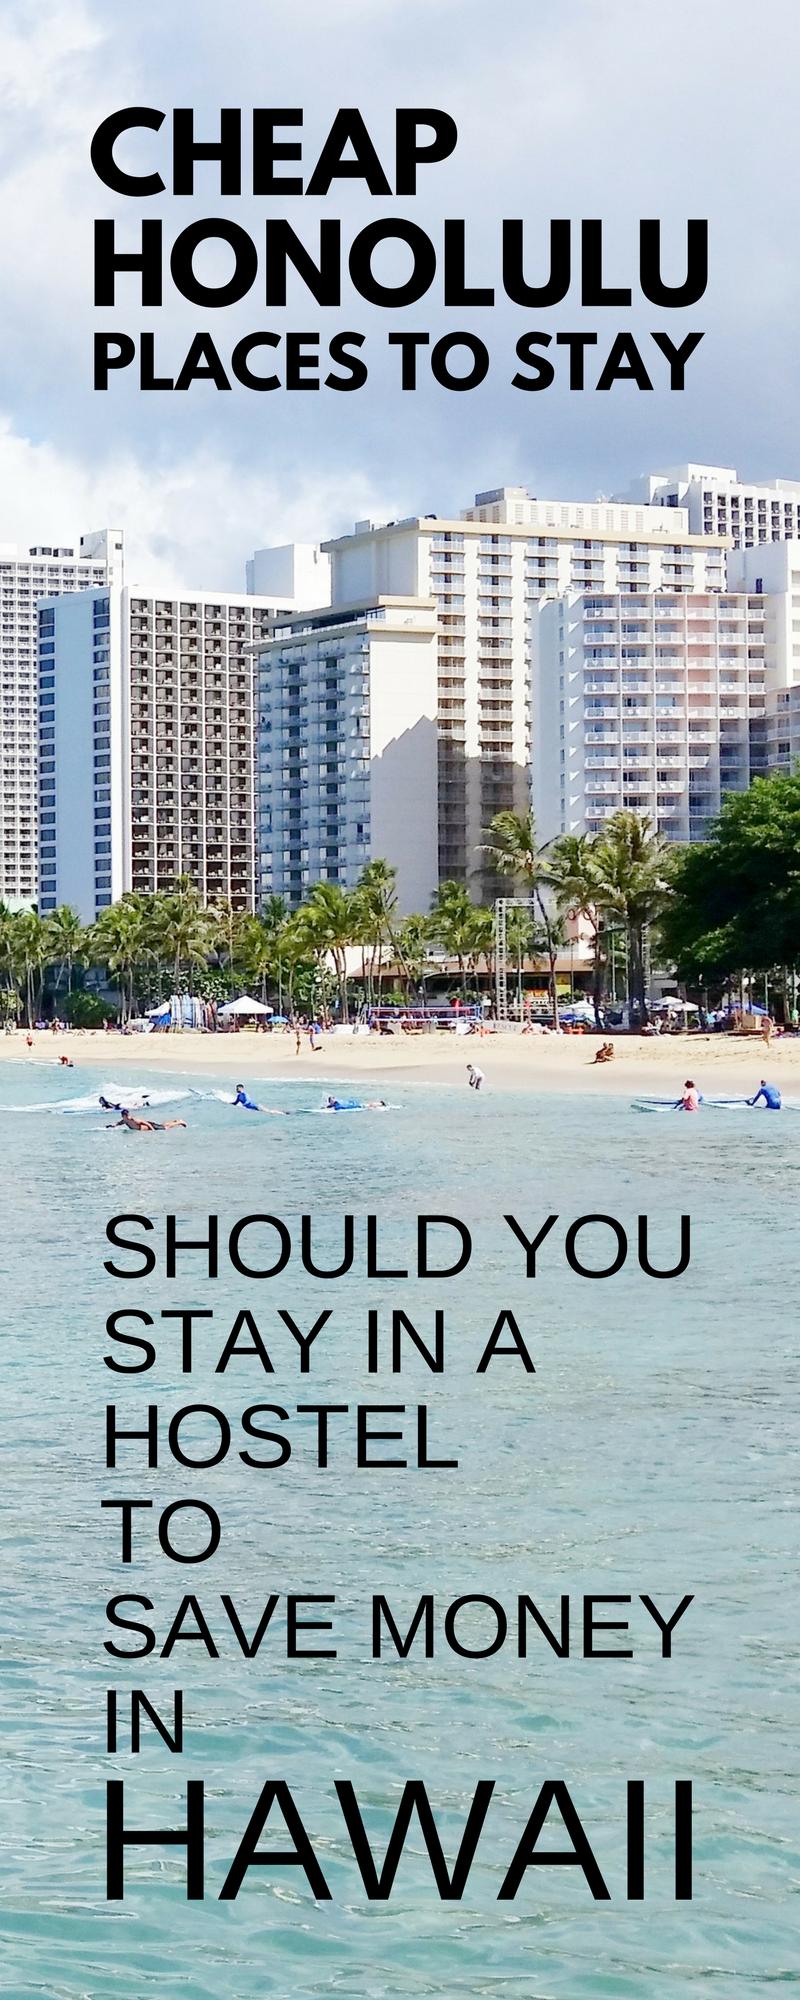 Best Hostels In Honolulu Should You Stay In A Hostel In Waikiki Oahu Hawaii Hawaii Hostels Cheapest Hawaii Vacation Cheap Honolulu